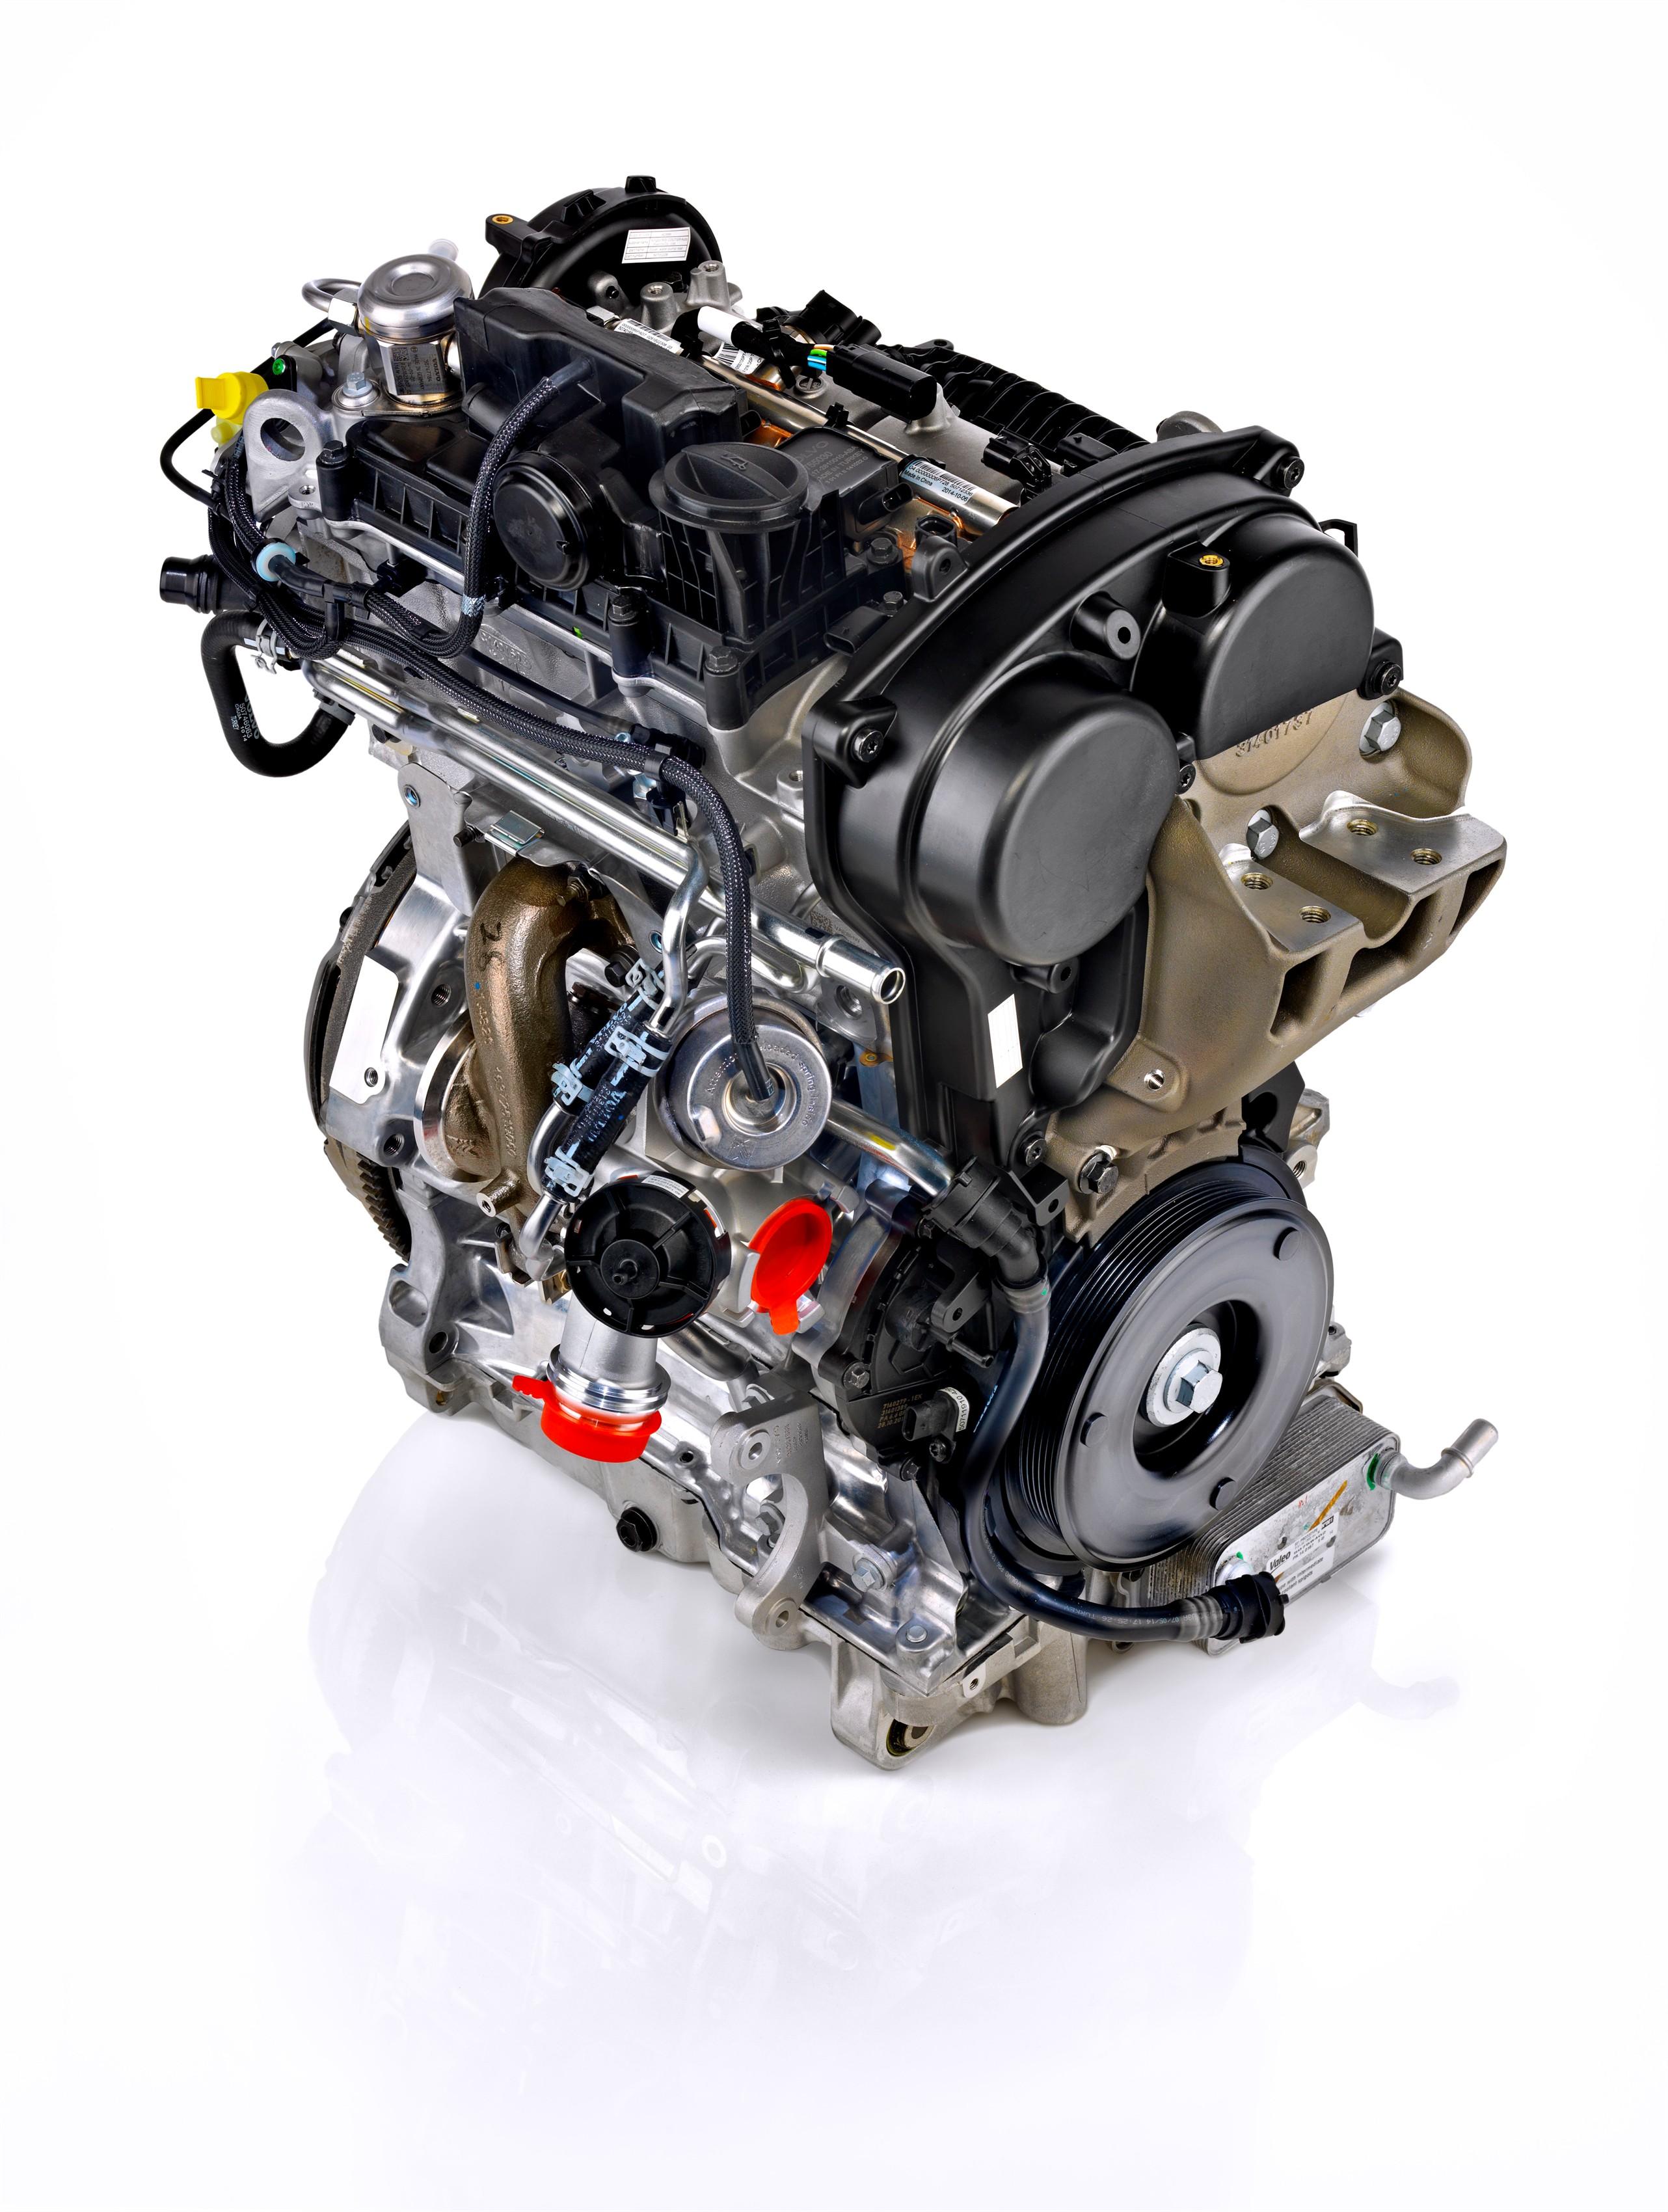 Volvo Car Group sta già collaudando il nuovo 3 cilindri